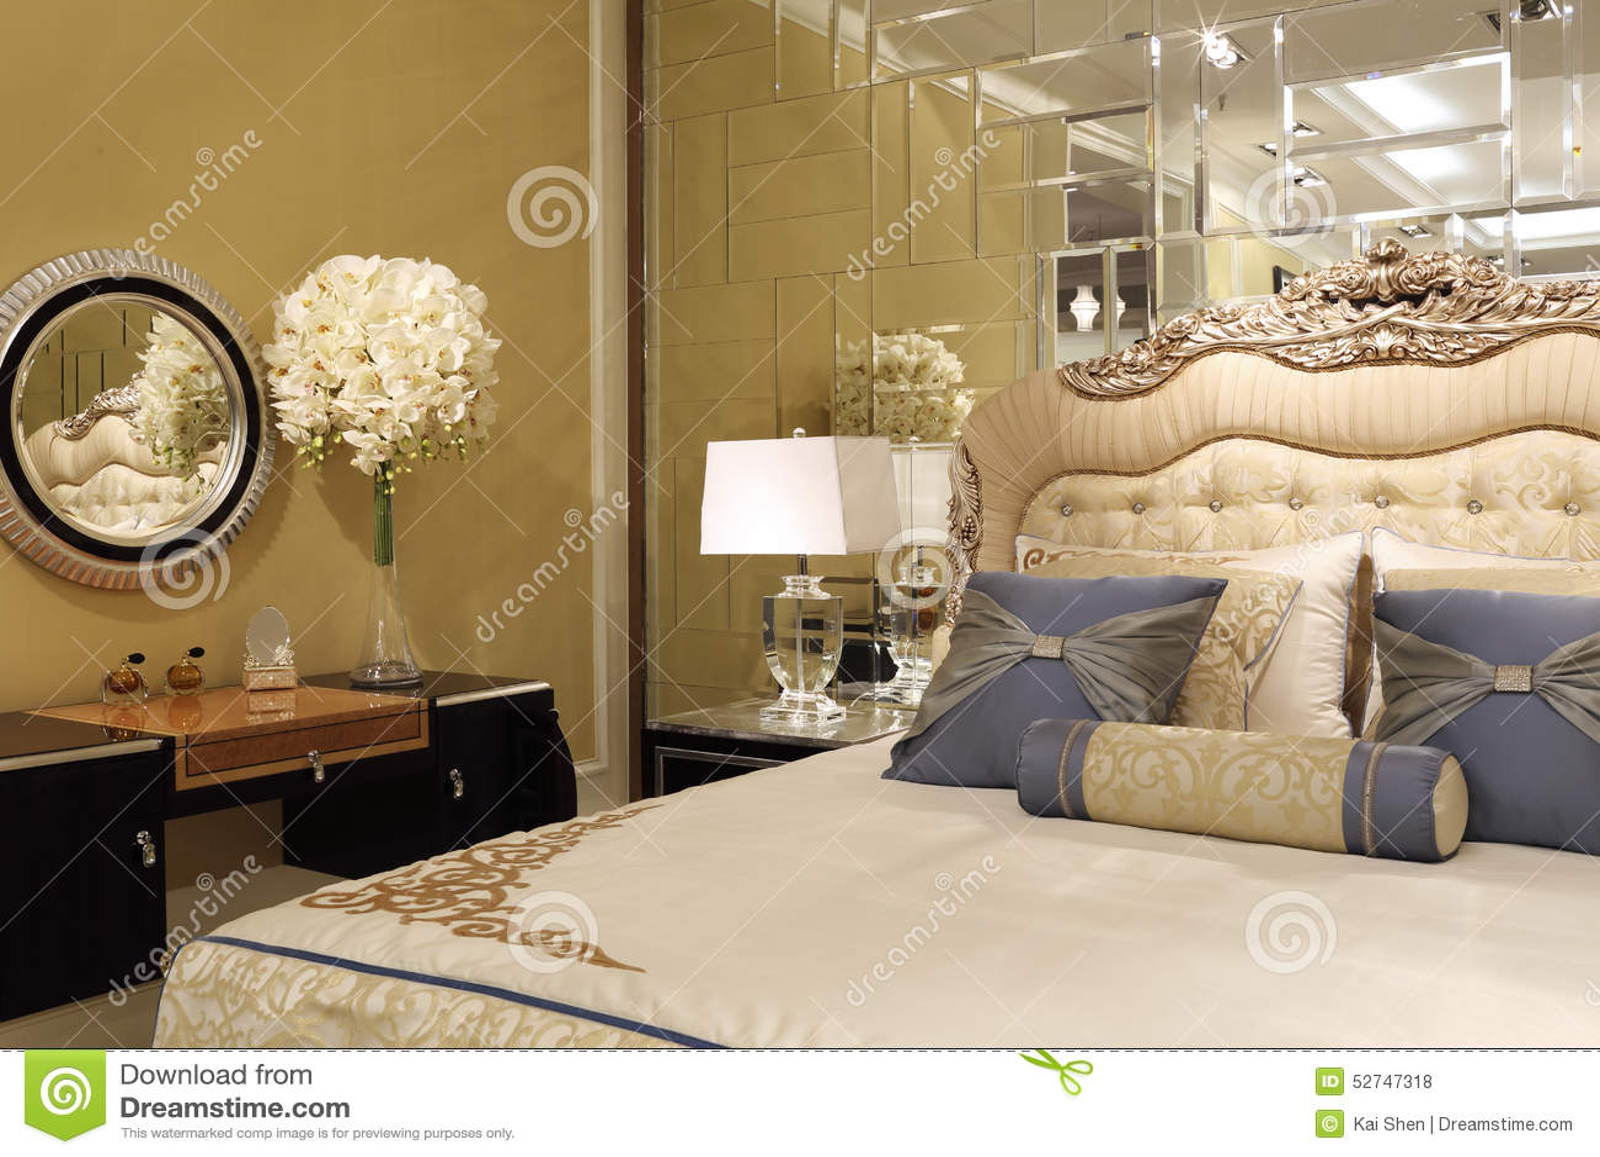 le mur de miroir dans la chambre coucher photo stock image 52747318. Black Bedroom Furniture Sets. Home Design Ideas